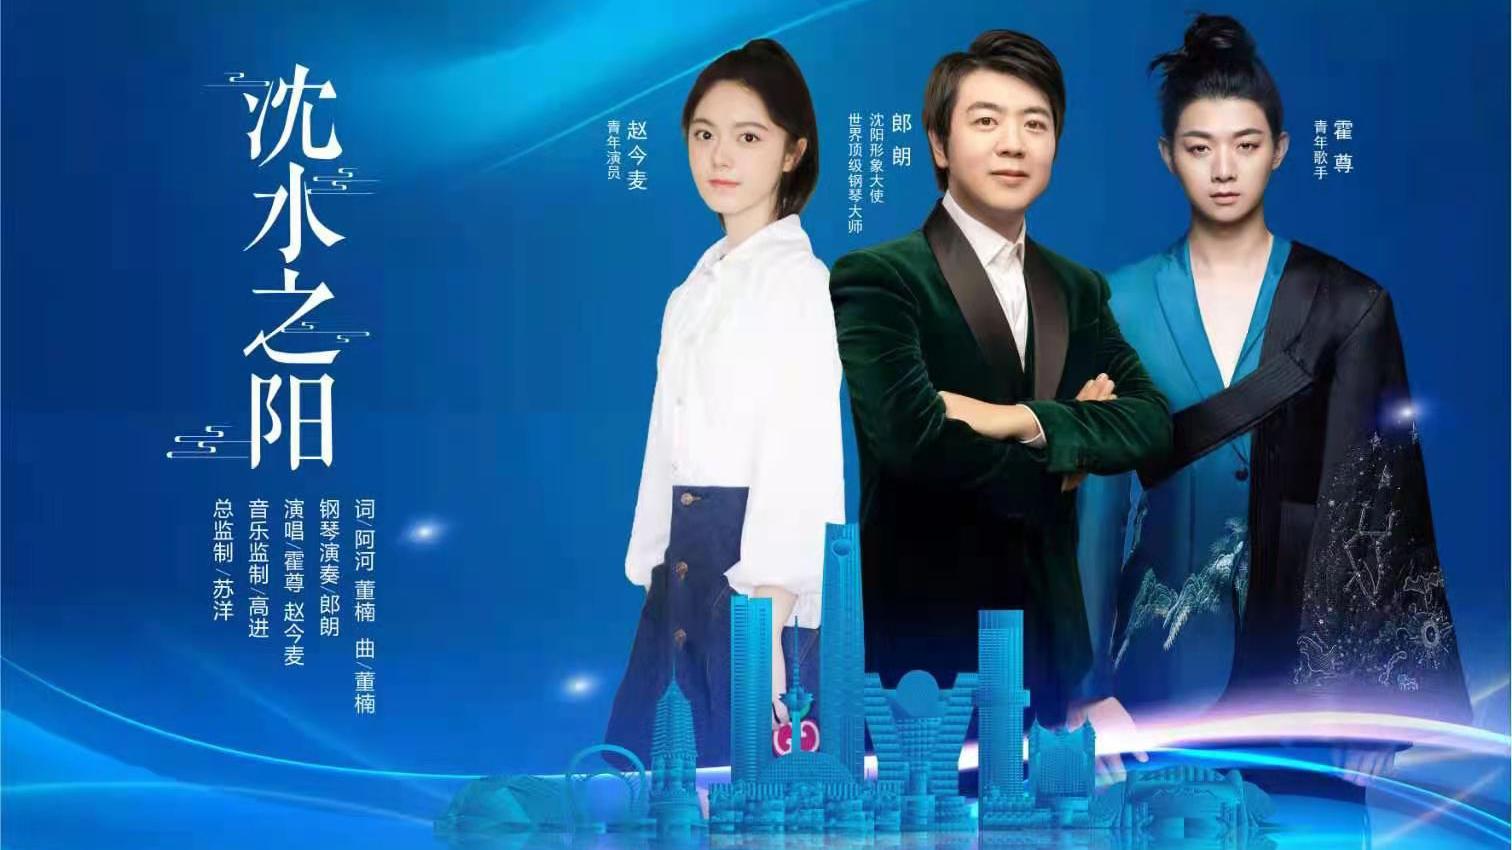 【4月27日16:30直播】沈阳城市歌曲《沈水之阳》首发式